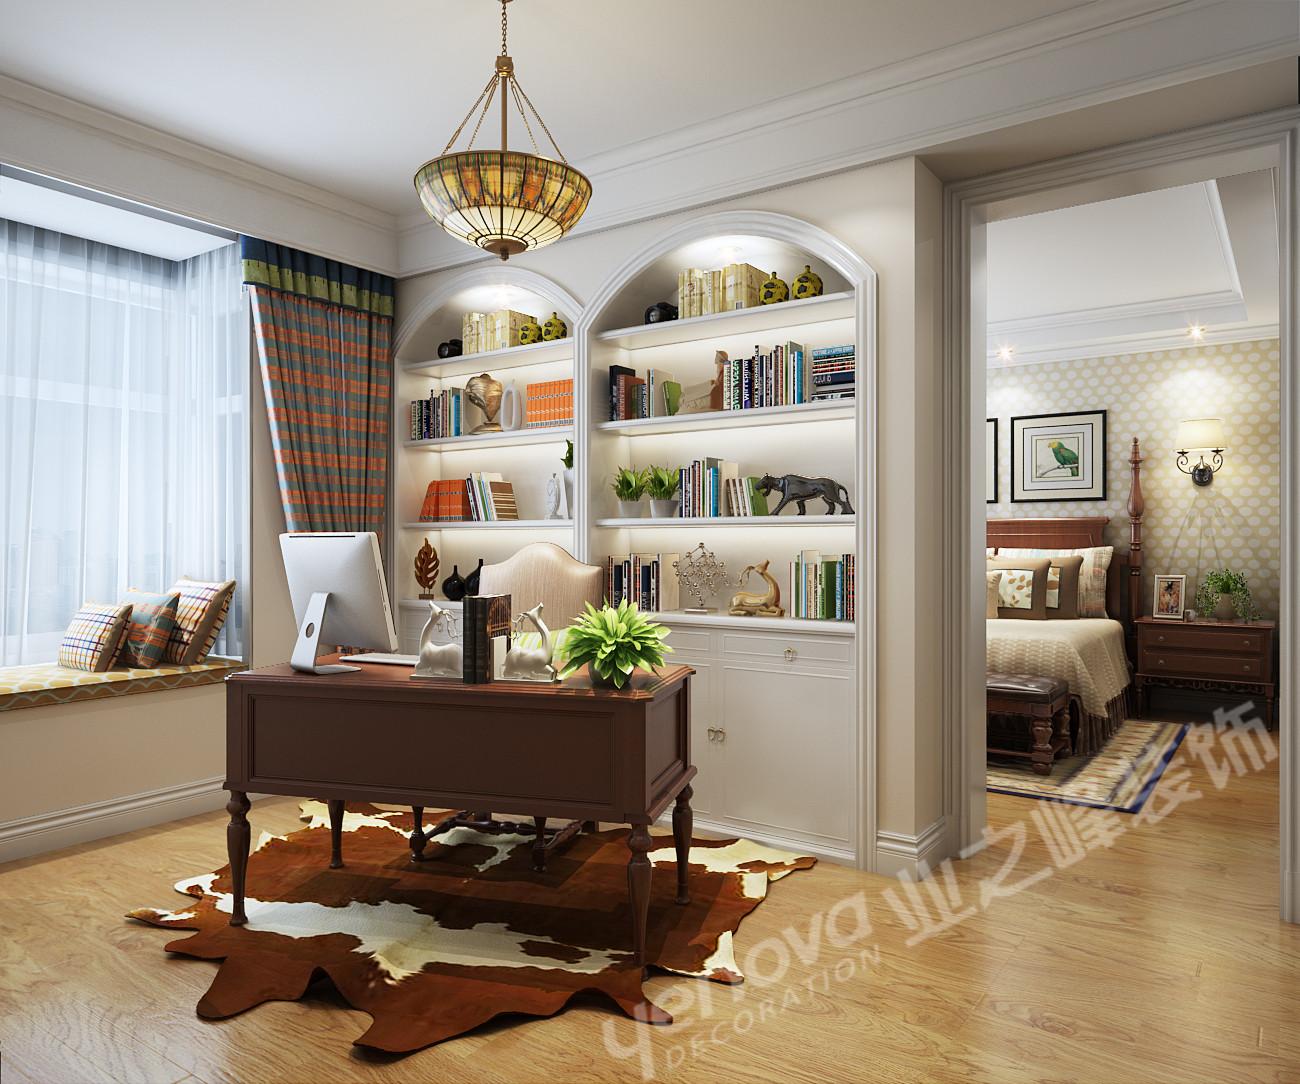 美式风格 三居 乡村美式 书房图片来自青岛业之峰官方客服--小万在晓港名城 161平 美式风格案例的分享